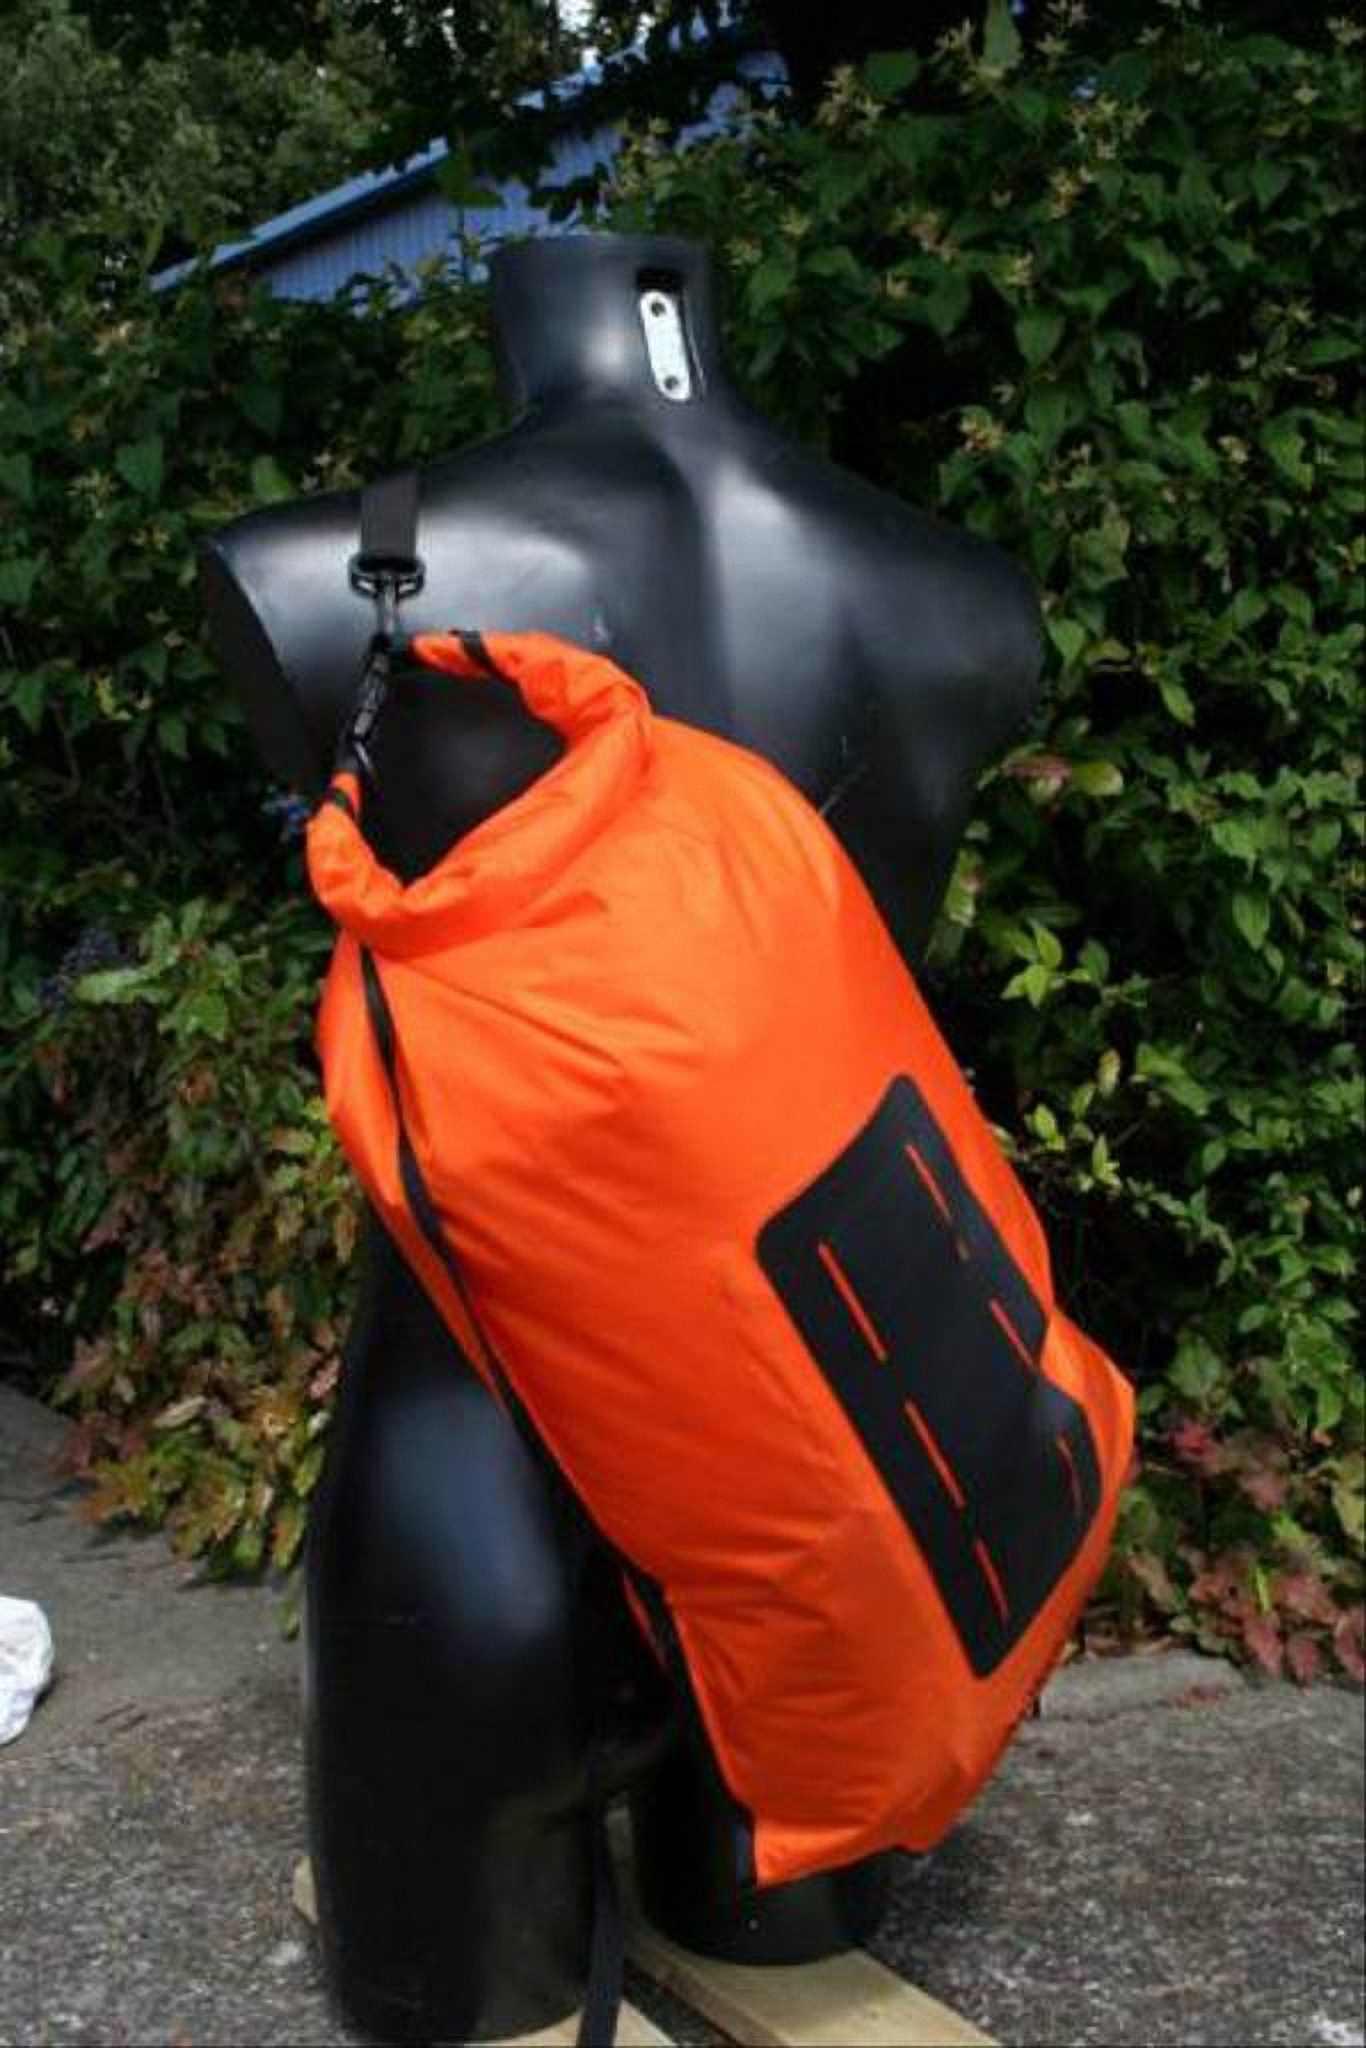 Водонепроницаемый  гермомешок-рюкзак (с двумя плечевыми ремнями) Aquapac 760 - Noatak Wet & Drybag - 15L.. Aquapac - №1 в мире водонепроницаемых чехлов и сумок. Фото 6